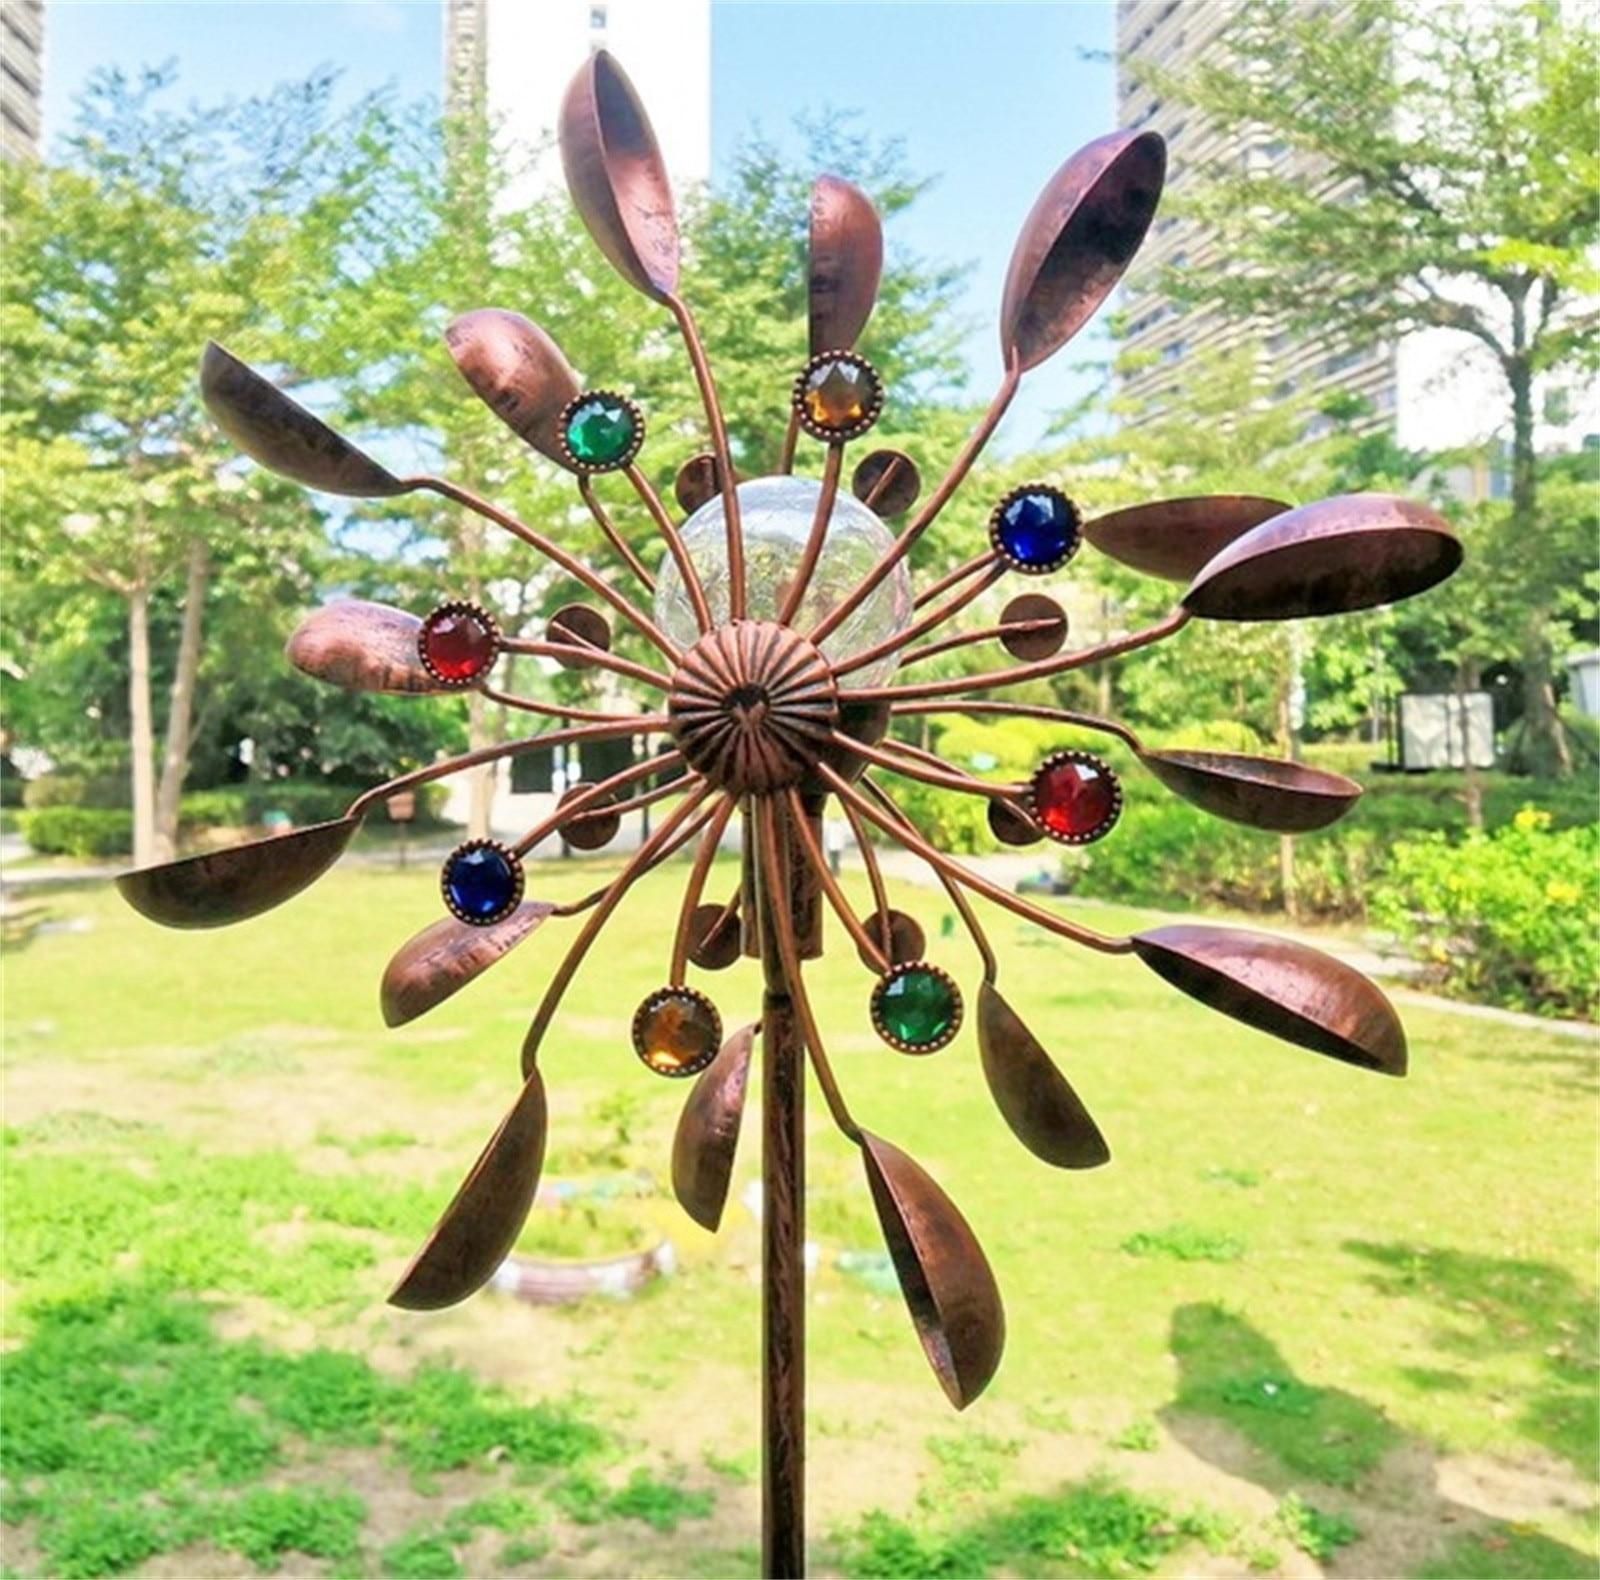 Grand Métal Lumière Solaire Vent Spinner LED Extérieure de Pelouse de Jardin Sculpture Décor Vent Spinner Sans Rouille Moulin à vent